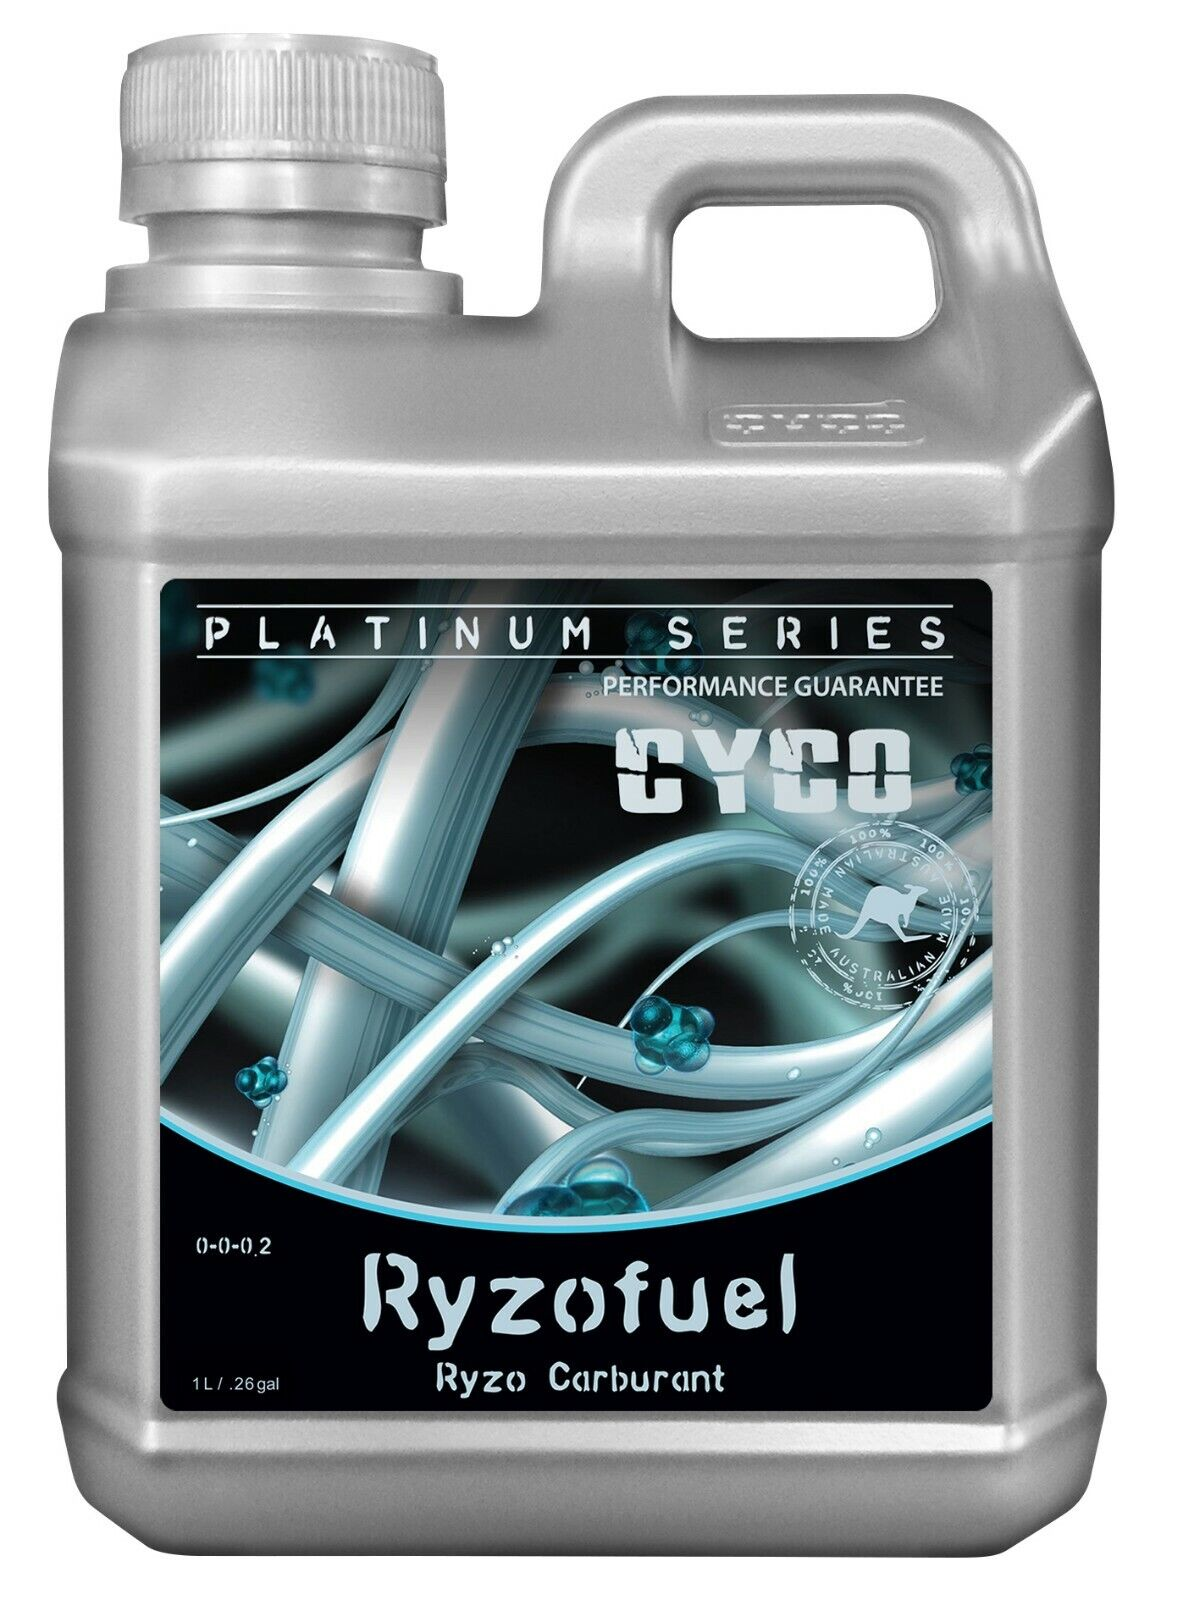 Cyco ryzofuel 0 - 0 - 0.2 - concentrada de raíz estimulante, de alta calidad